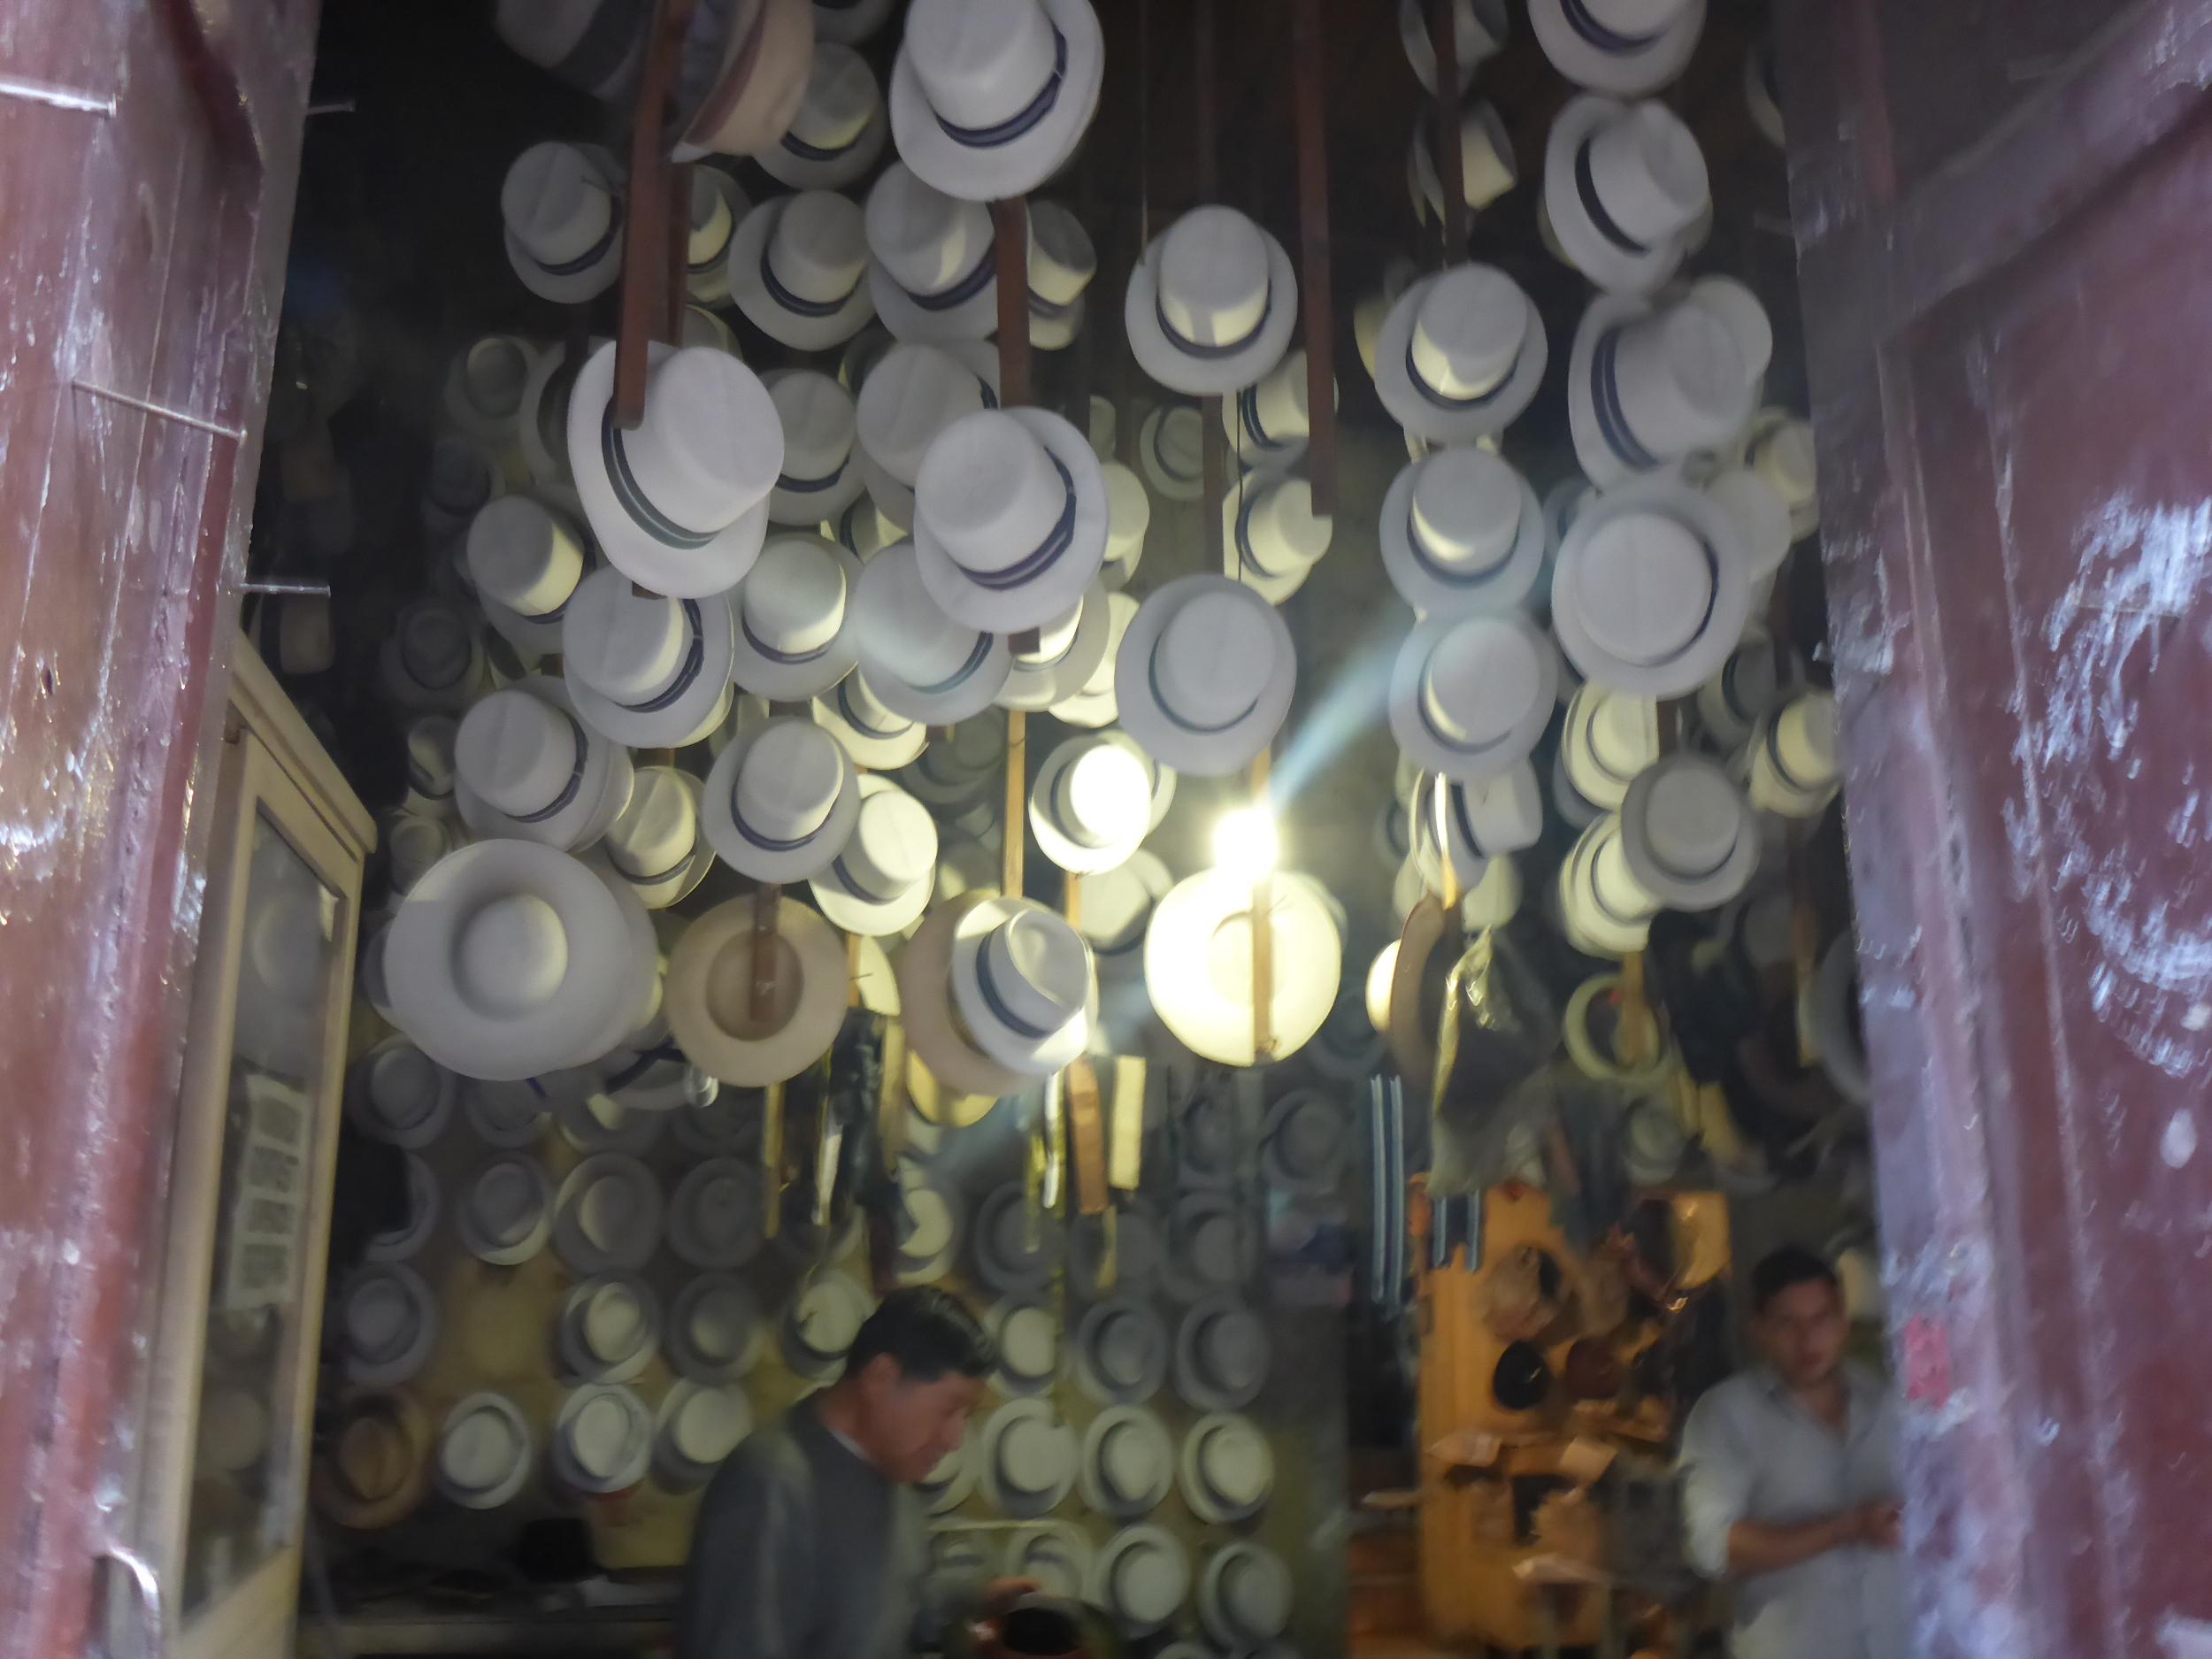 panama hats - cuenca